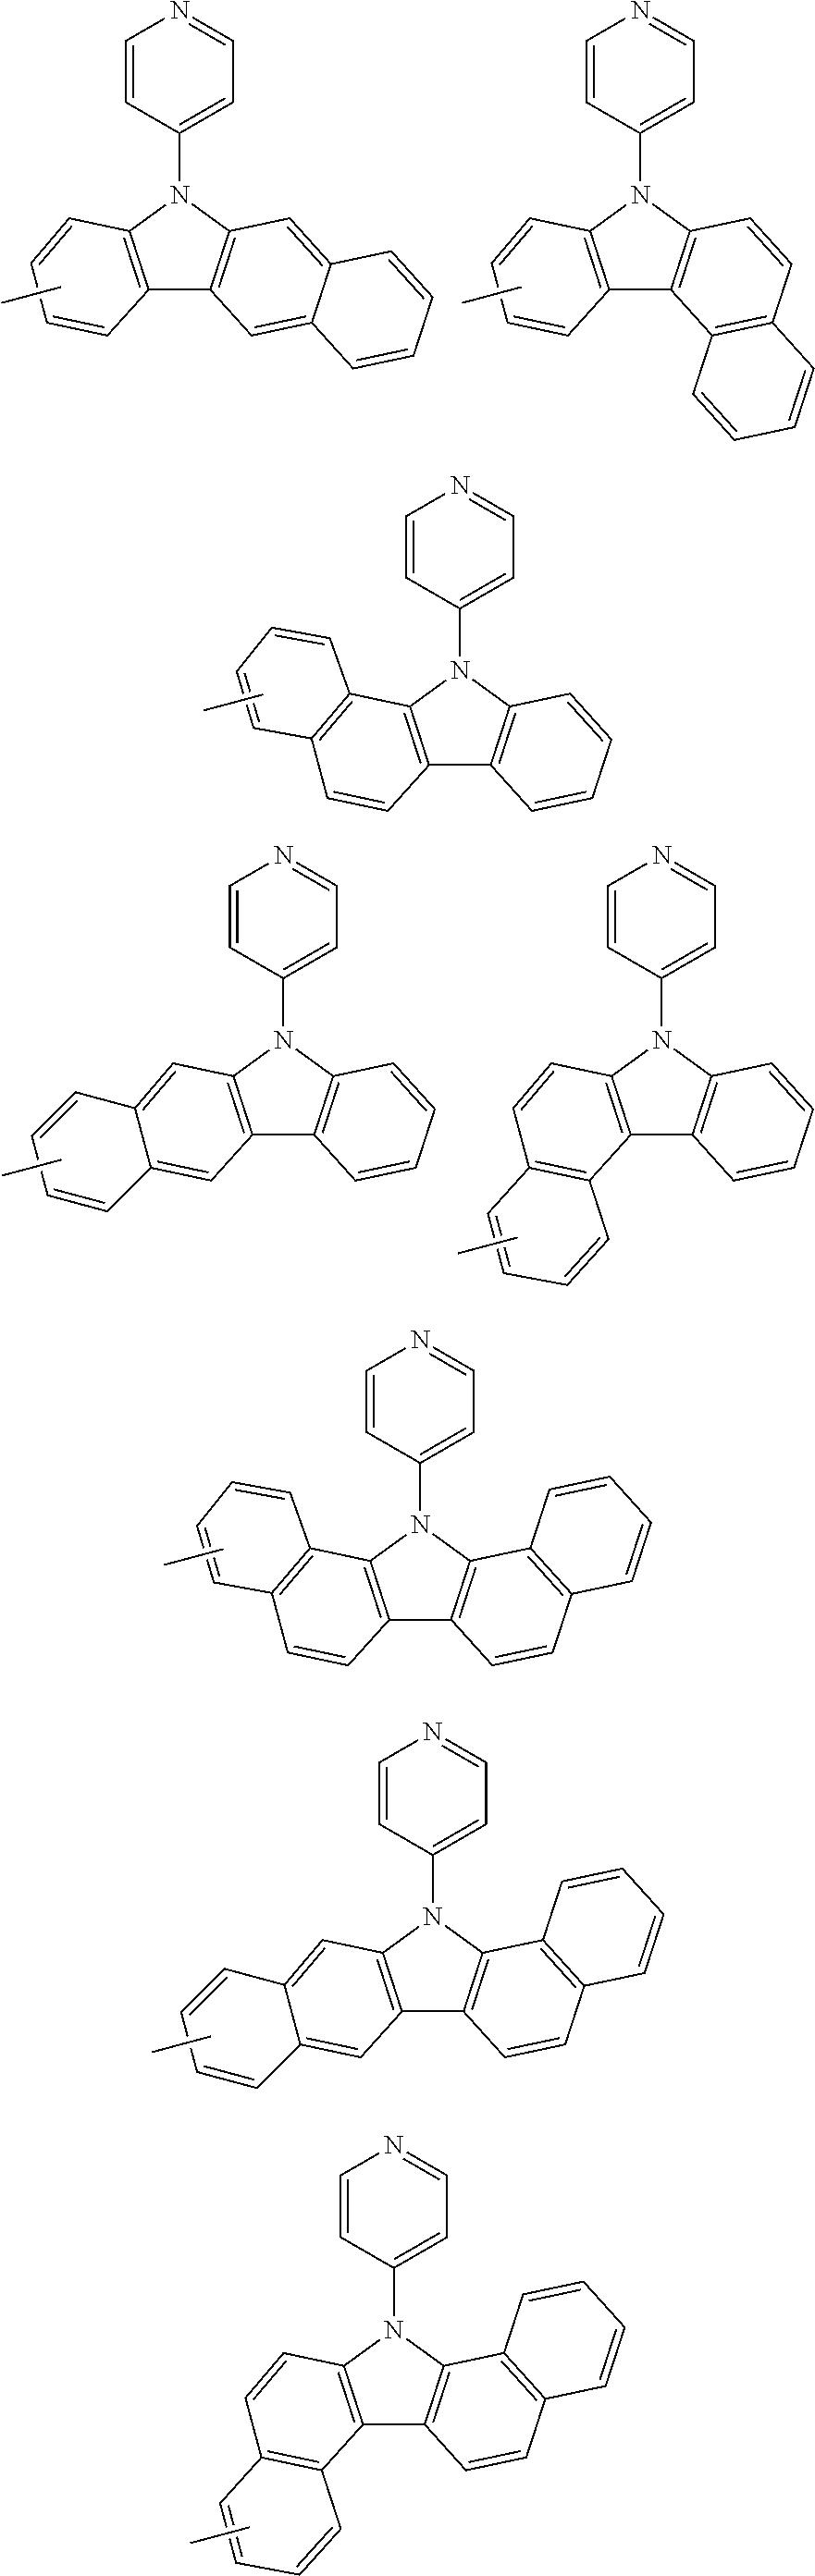 Figure US20150280139A1-20151001-C00022